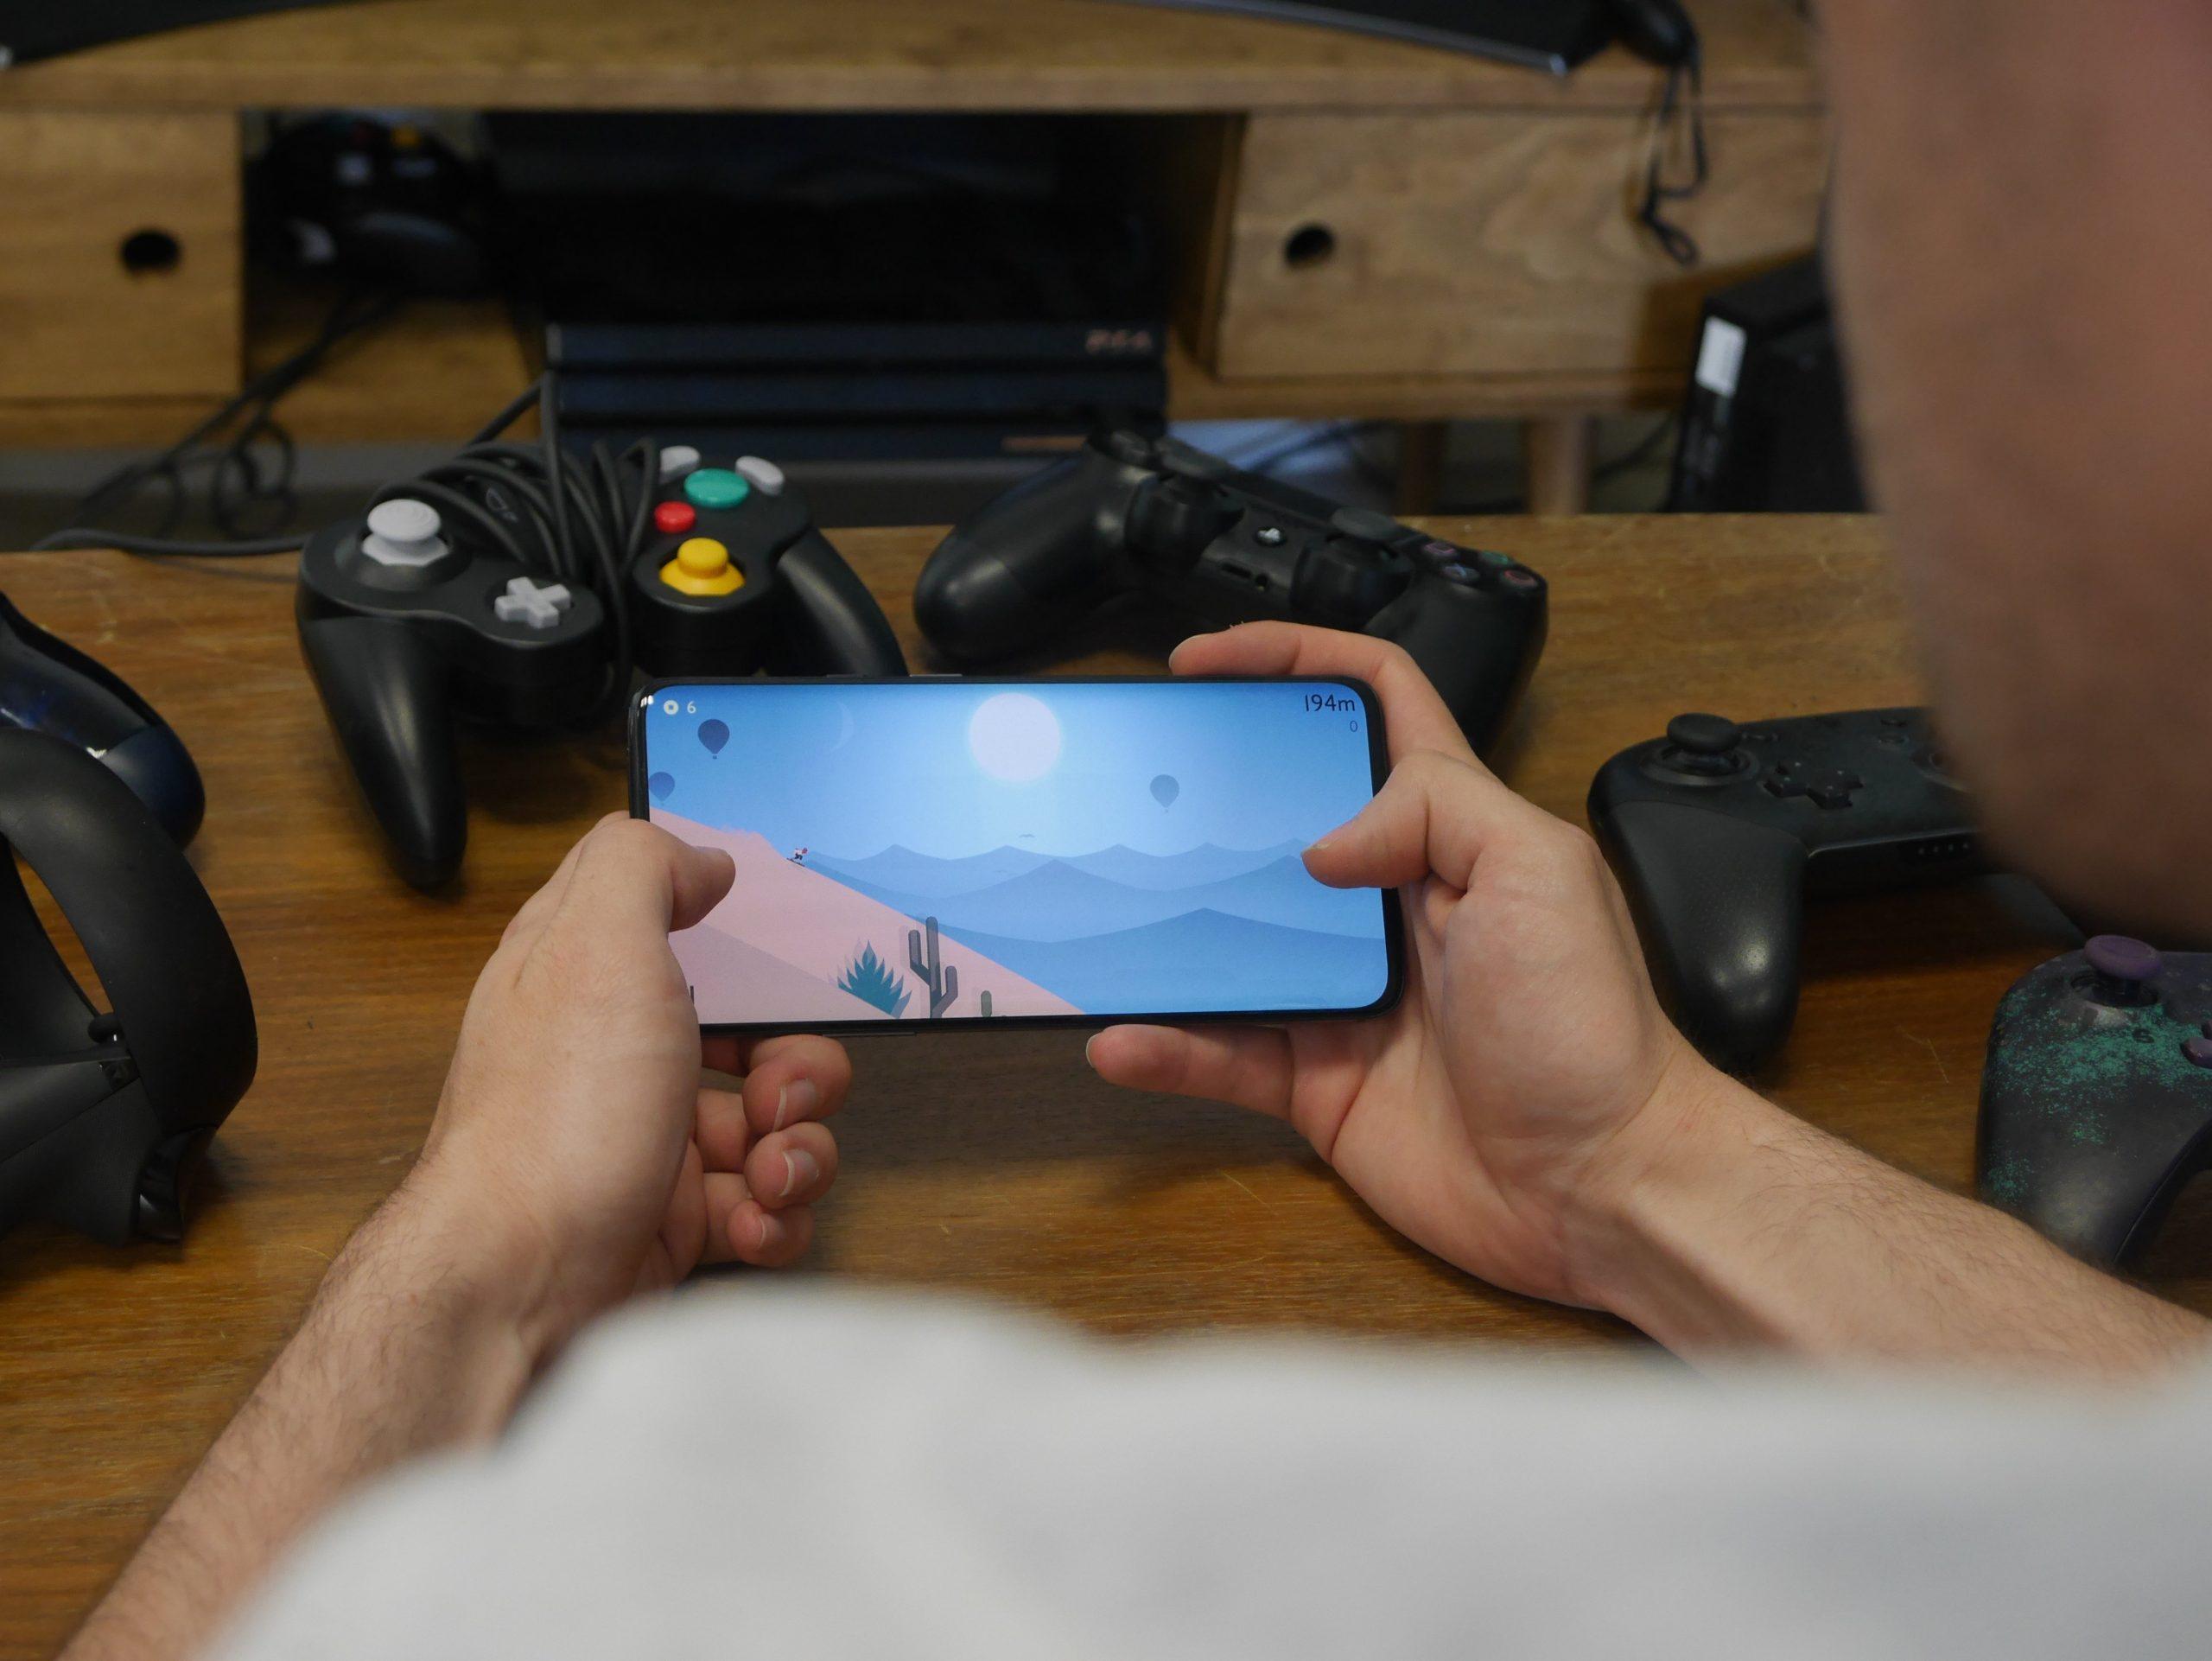 Les Meilleurs Jeux Gratuits Sur Android En 2020 dedans Jeux De Squelette Gratuit